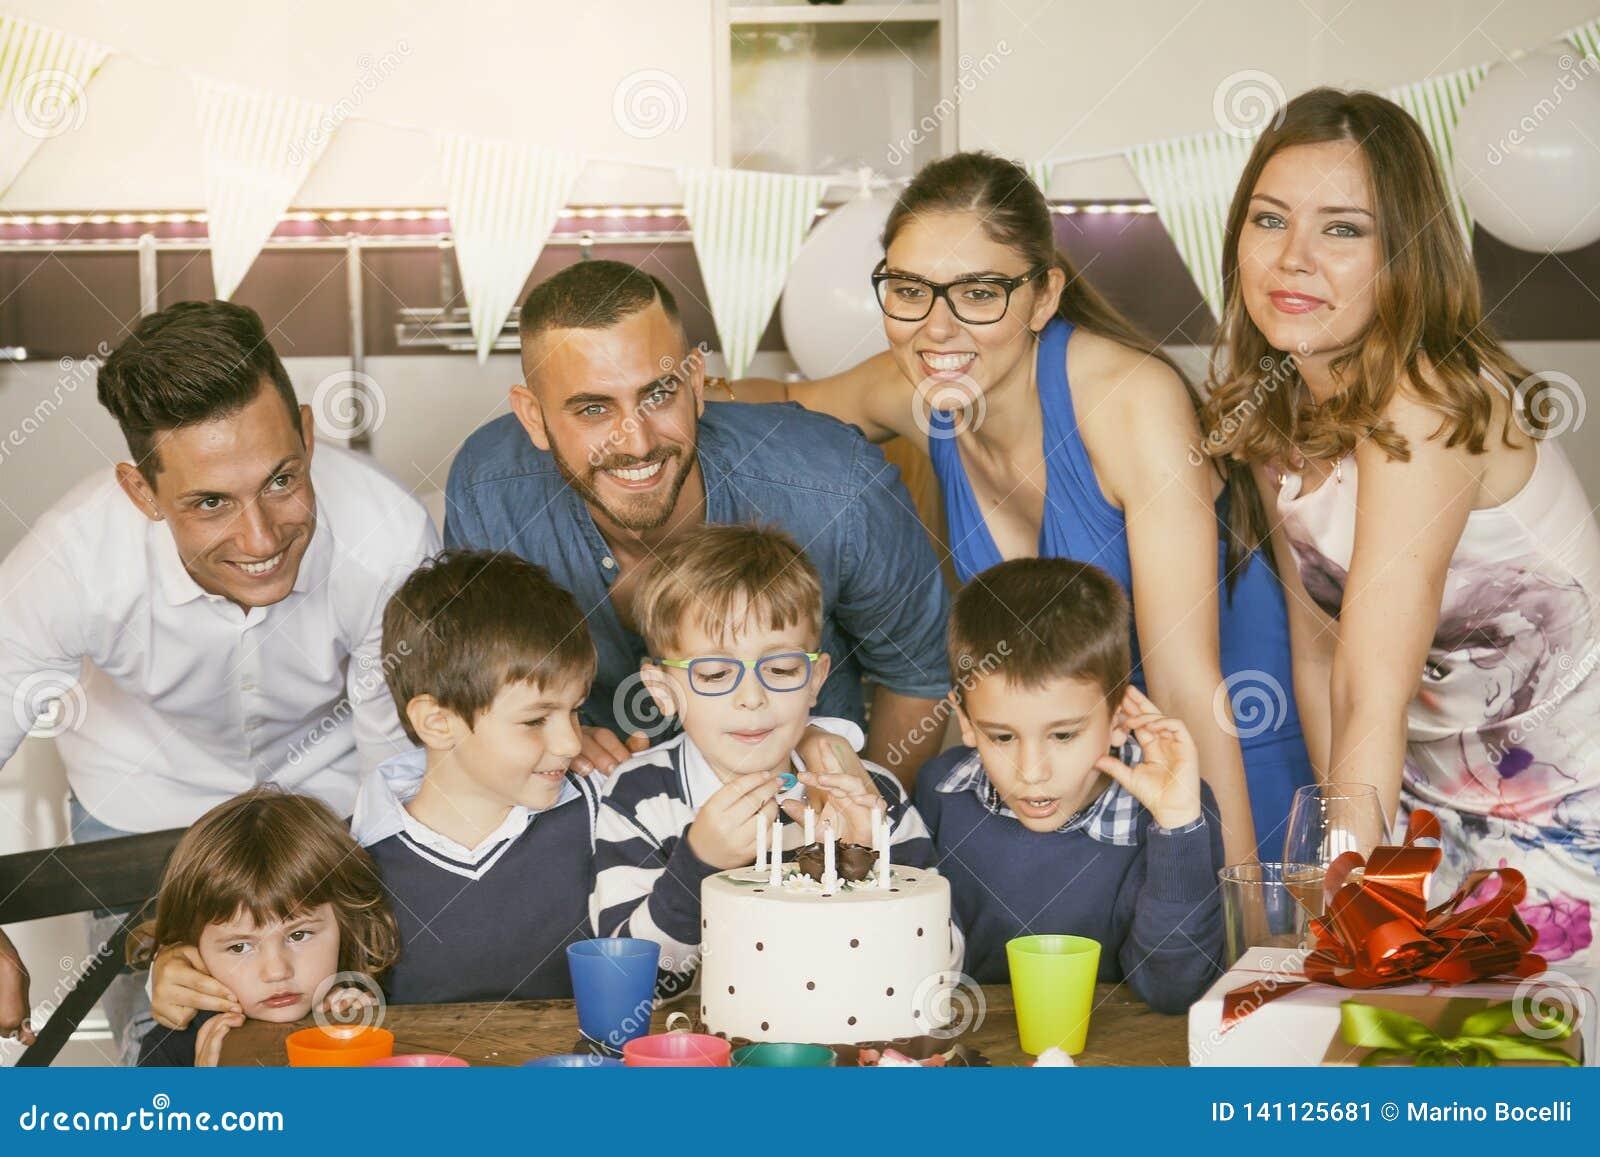 Gelukkige families met kinderen die rond een cake voor een verjaardag vieren